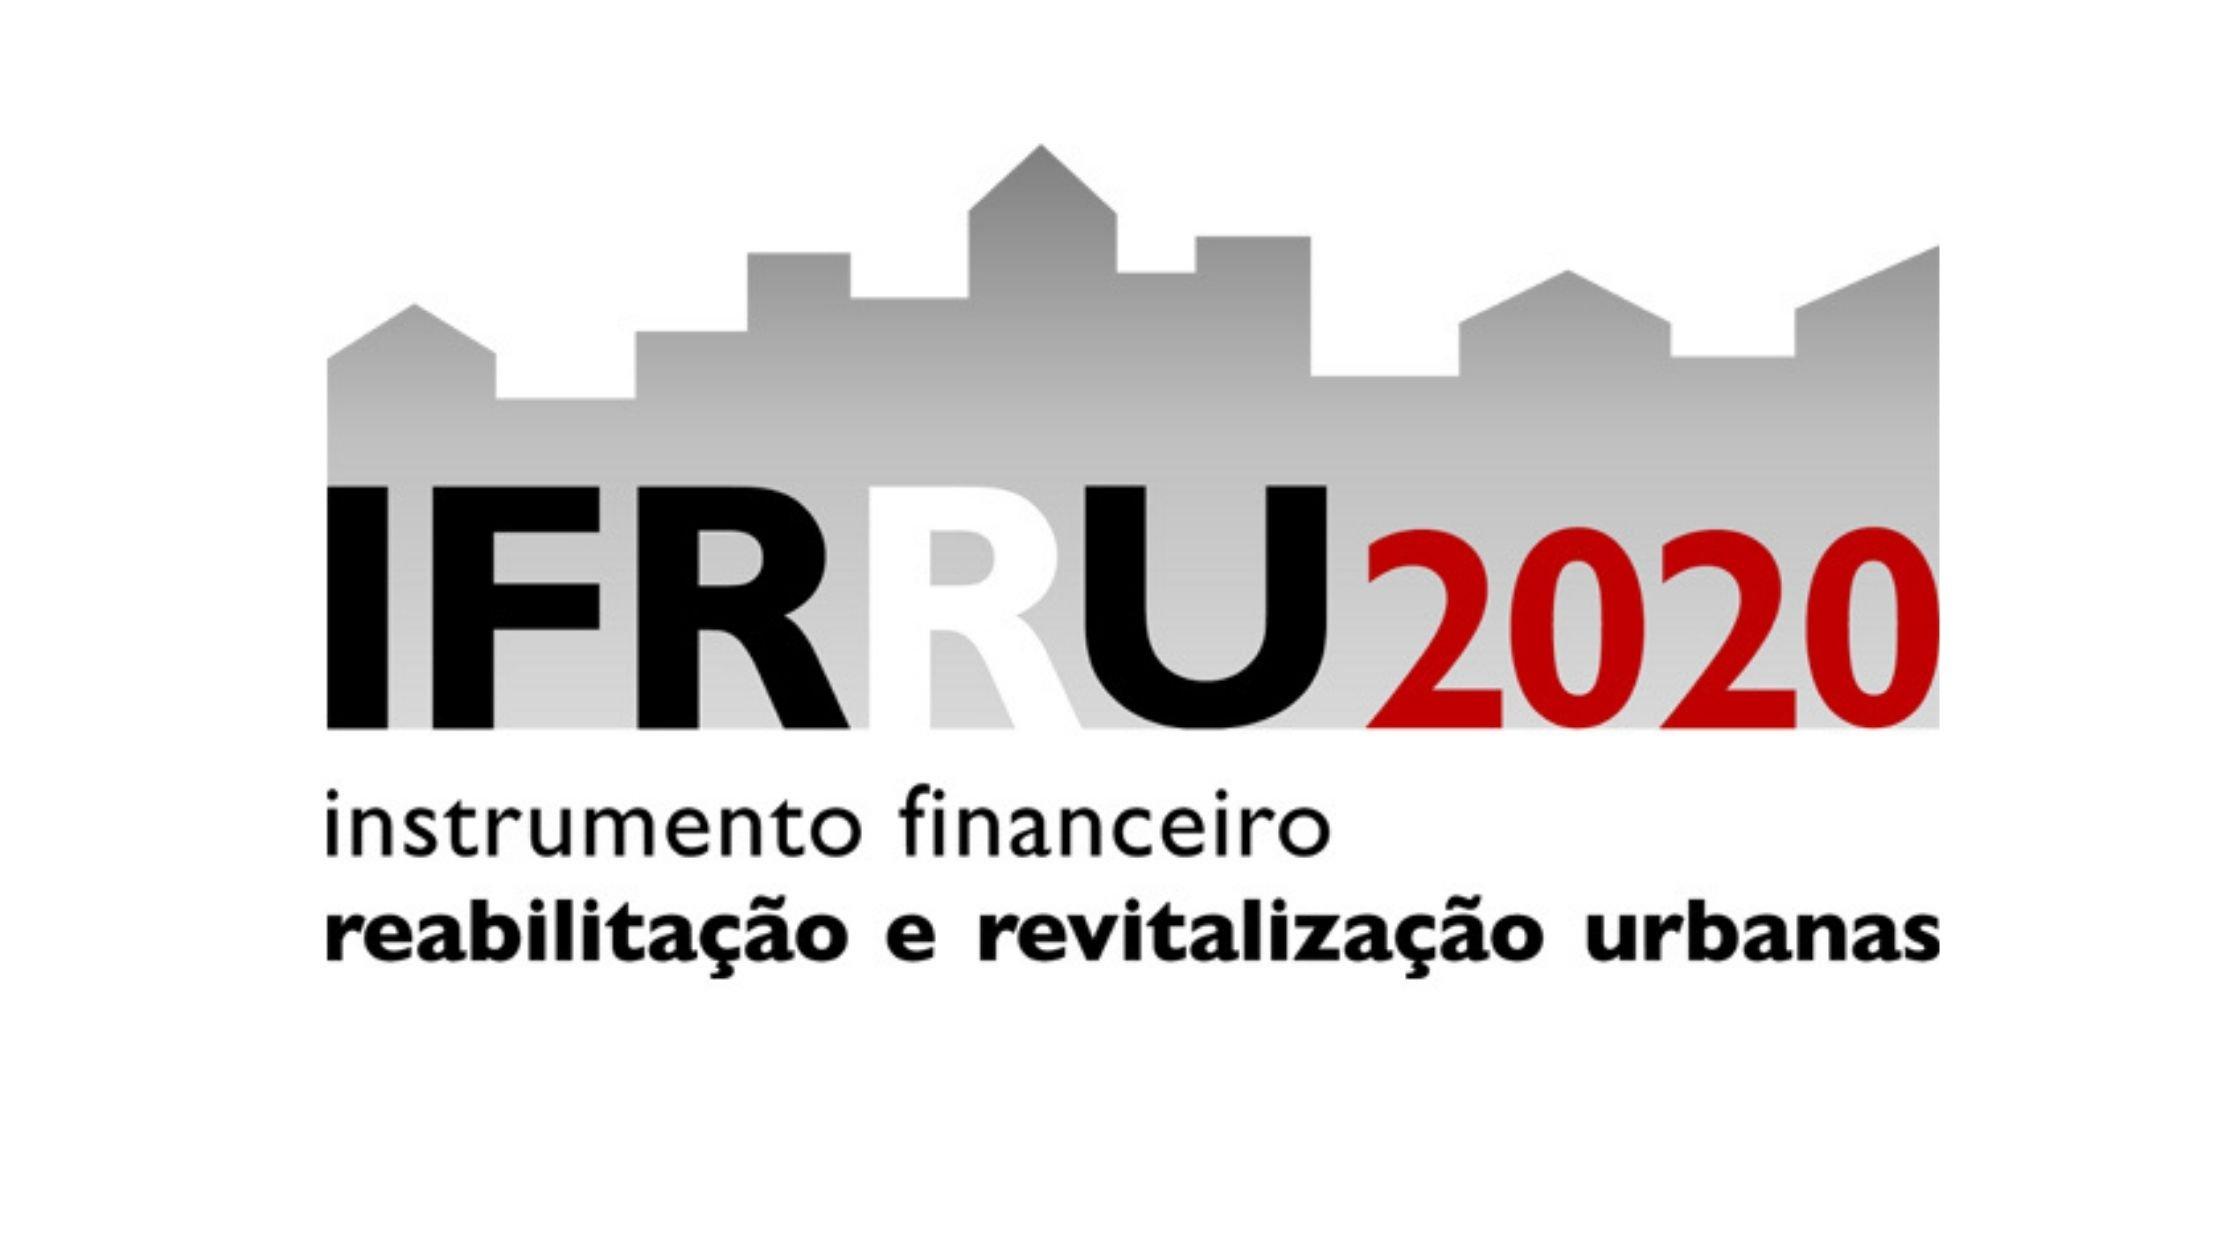 IFRRU 2020 Instrumento Financeiro Reabilitação e Revitalização Urbanas